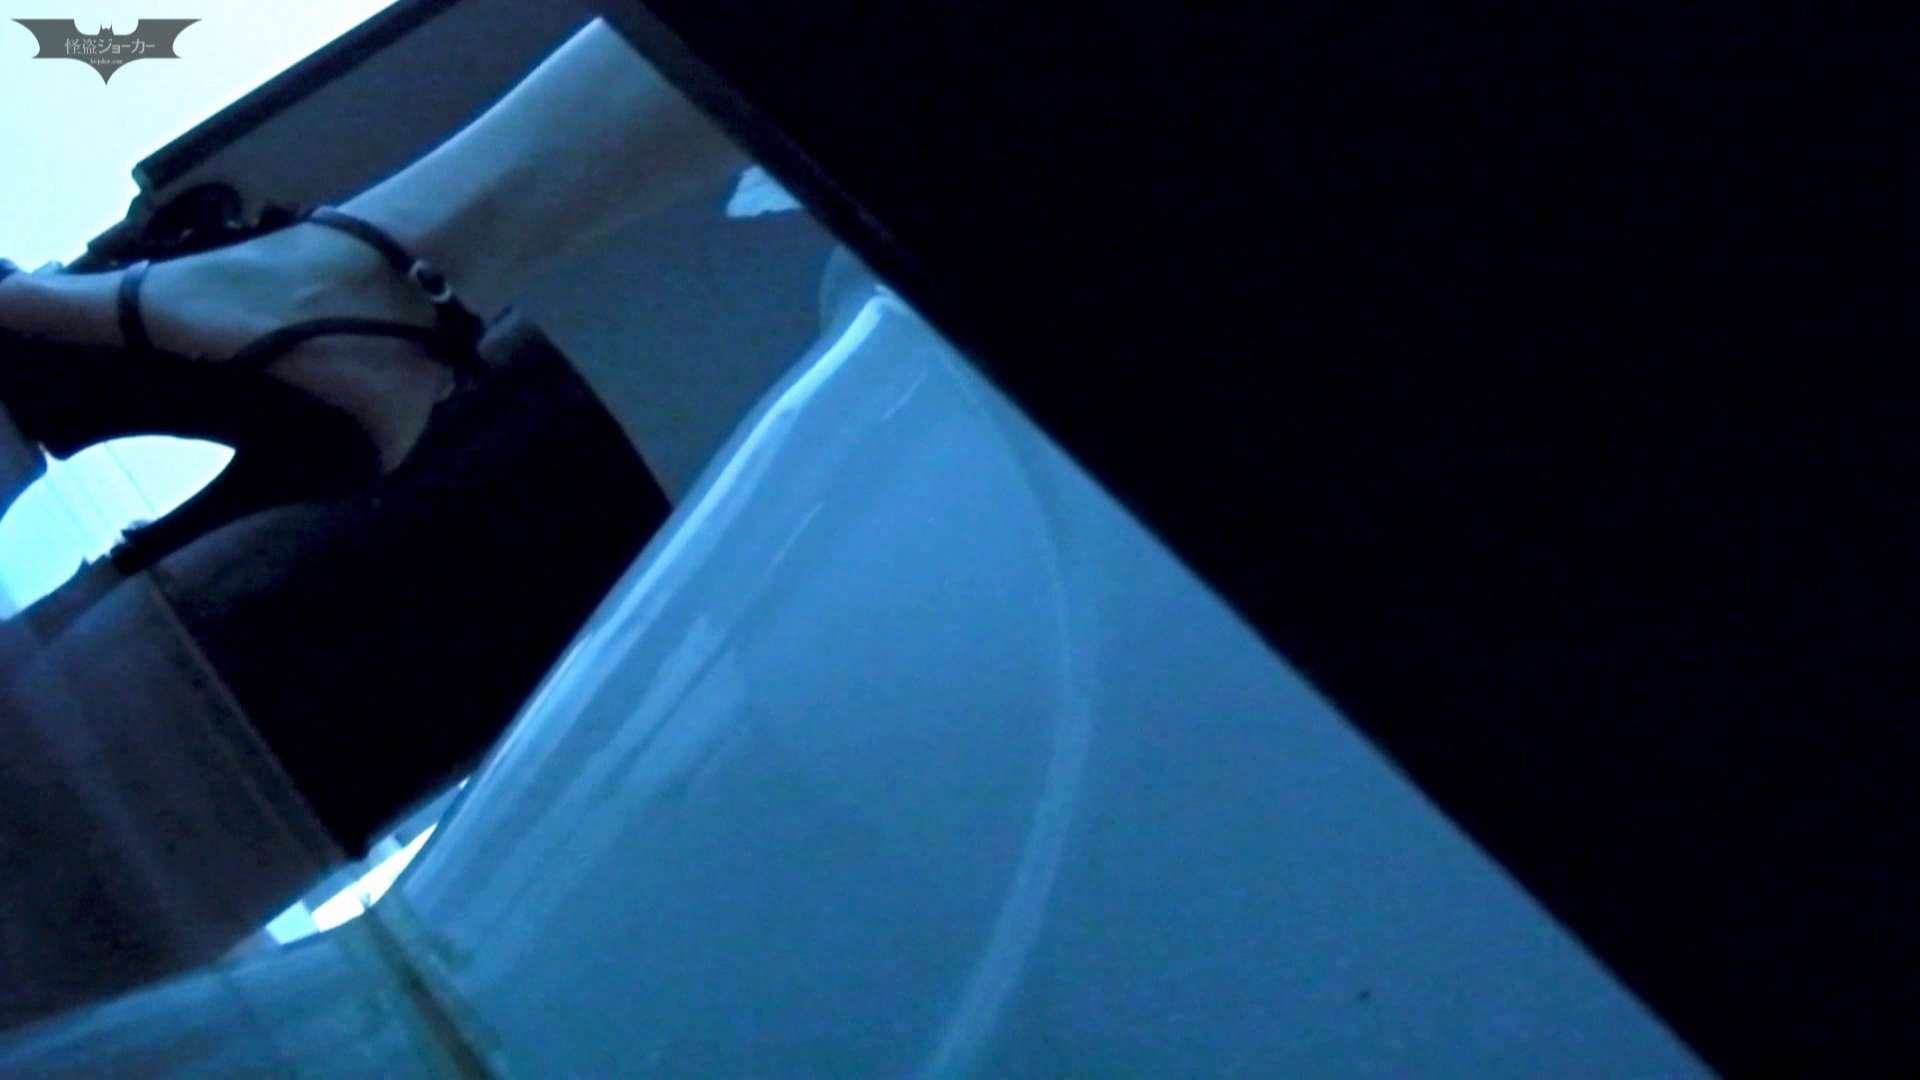 新世界の射窓 No70 世界の窓70 八頭身美女のエロい中腰 美女  104pic 10